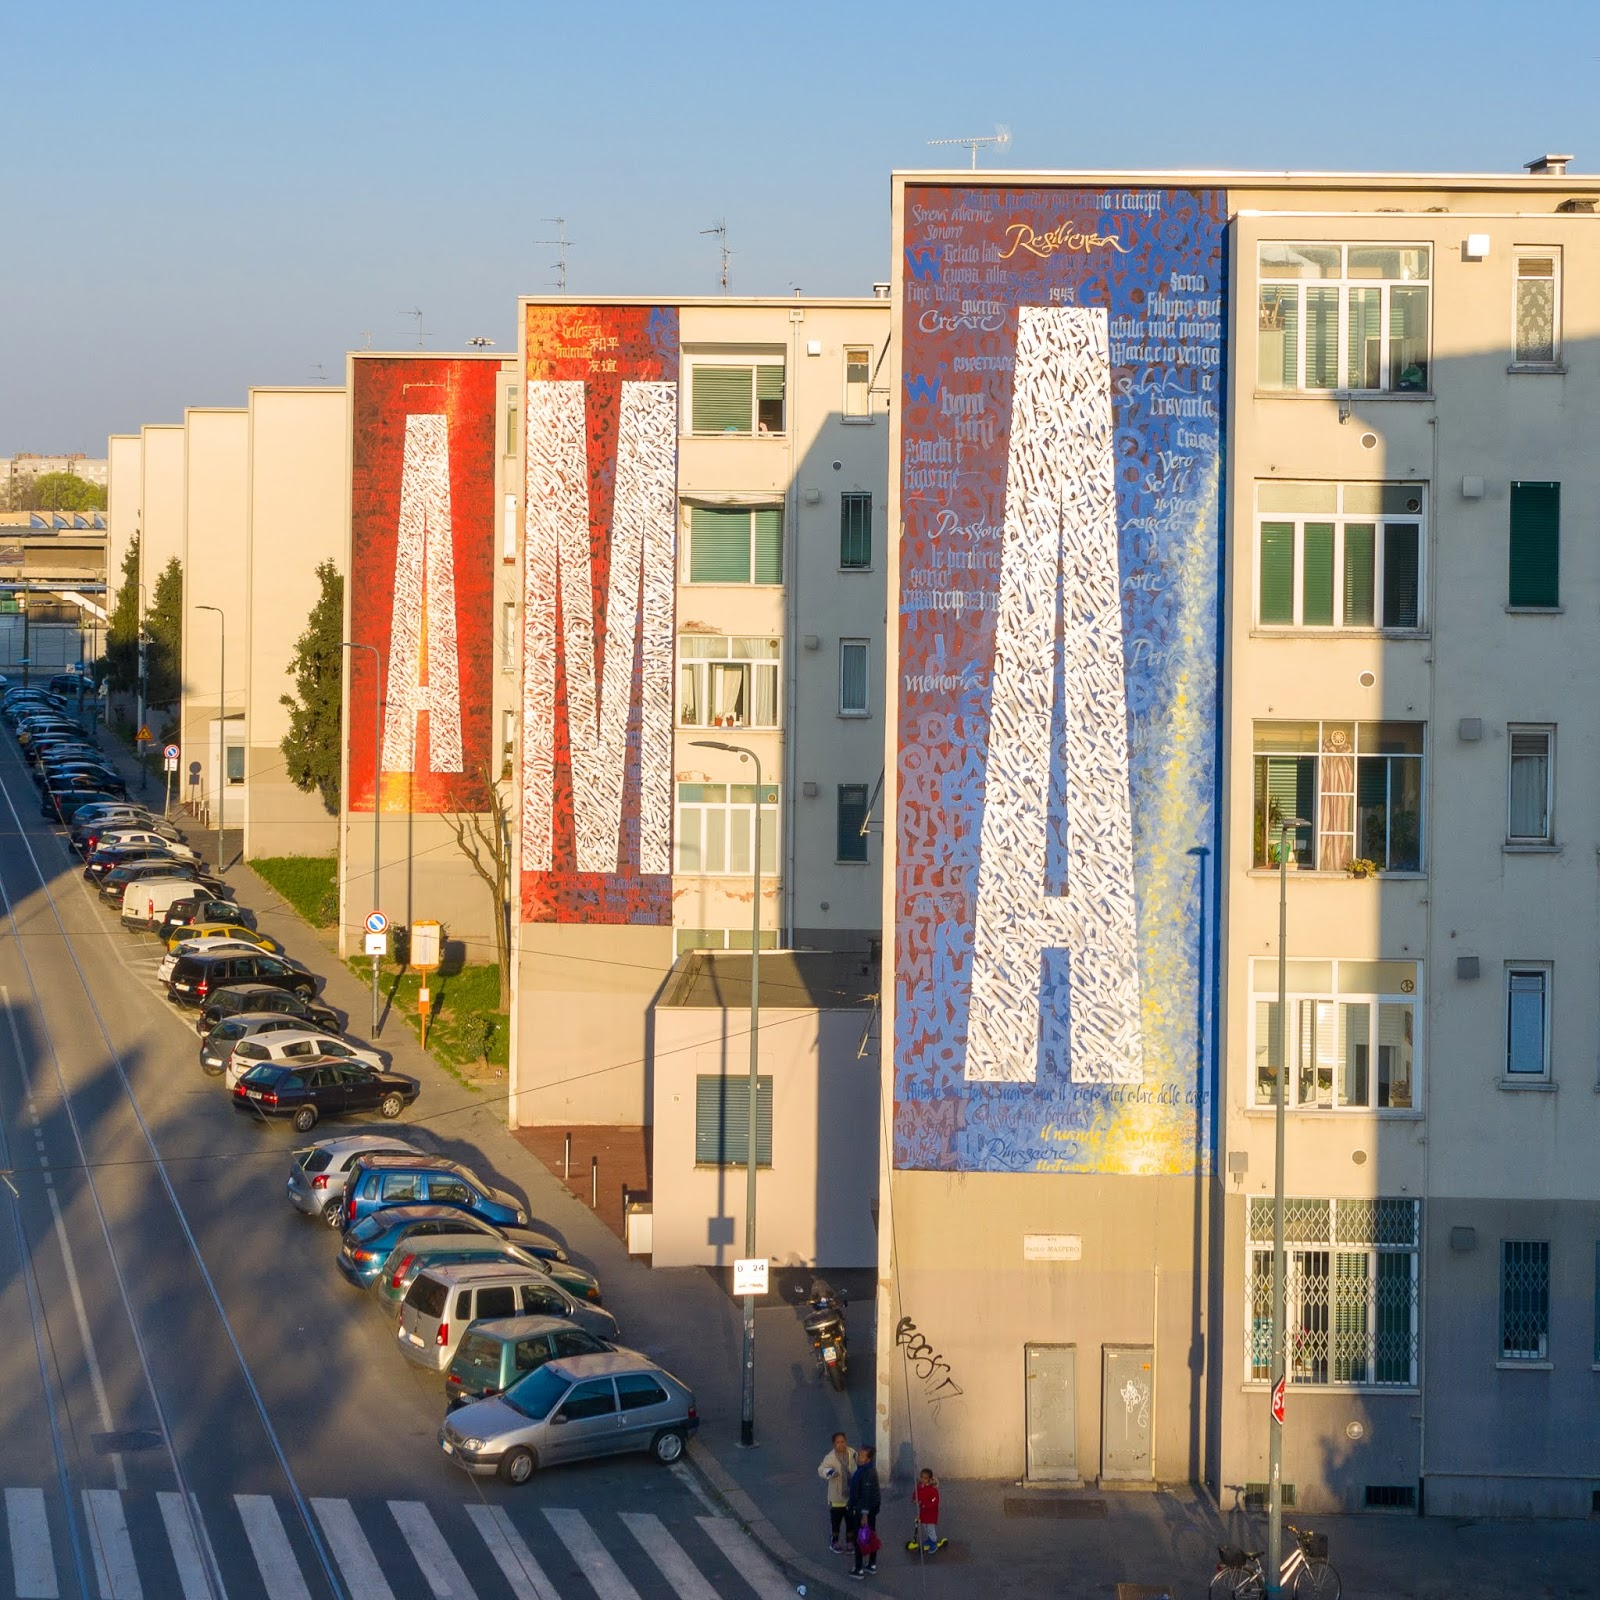 Intervención mural del artista contemporáneo mexicano Said Dokins en Milán